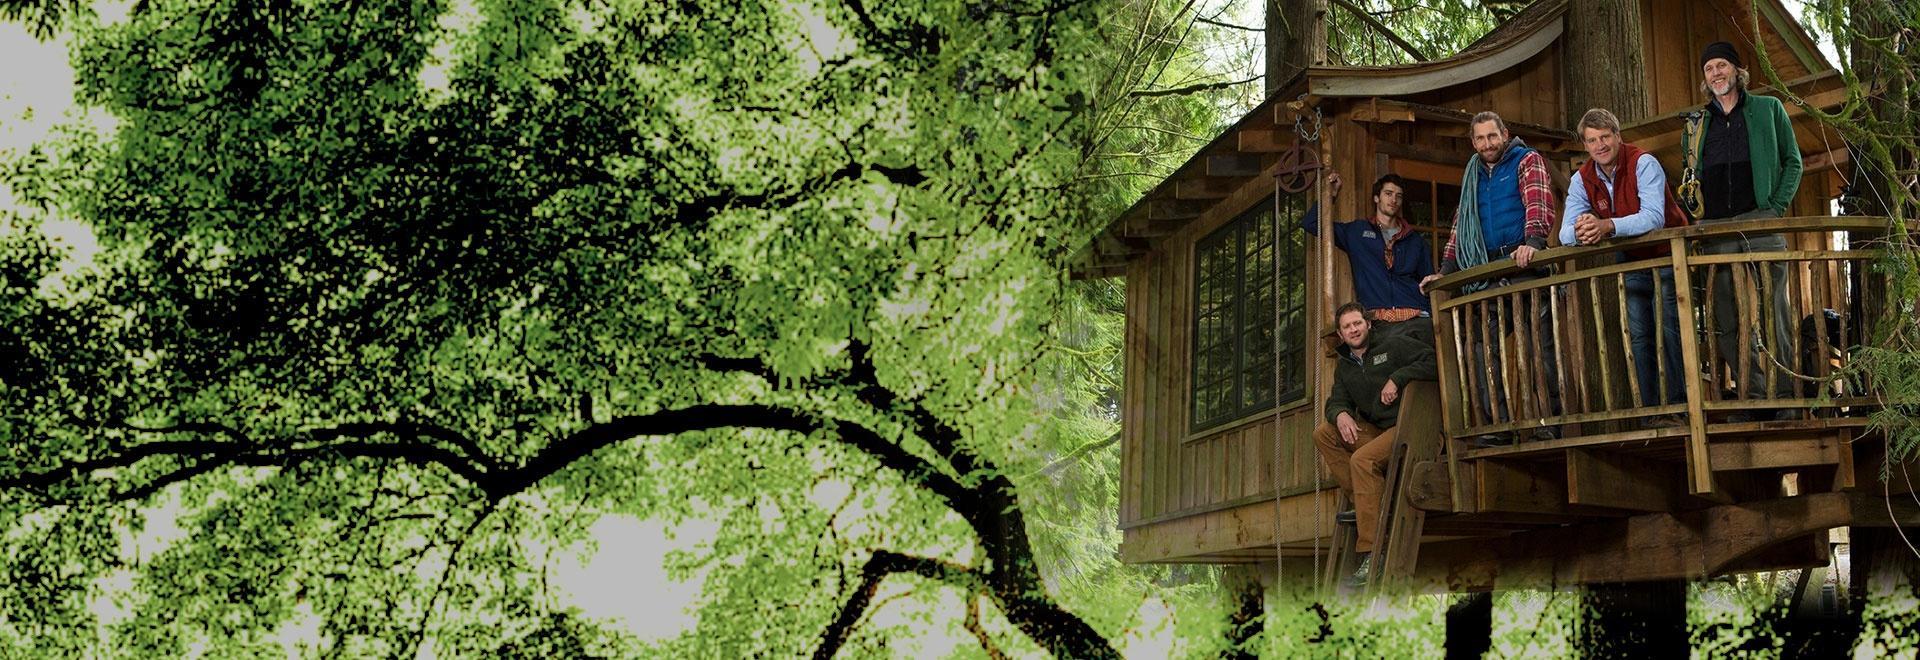 La mia nuova casa sull'albero - Stag. 7 Ep. 10 - Un capolavoro